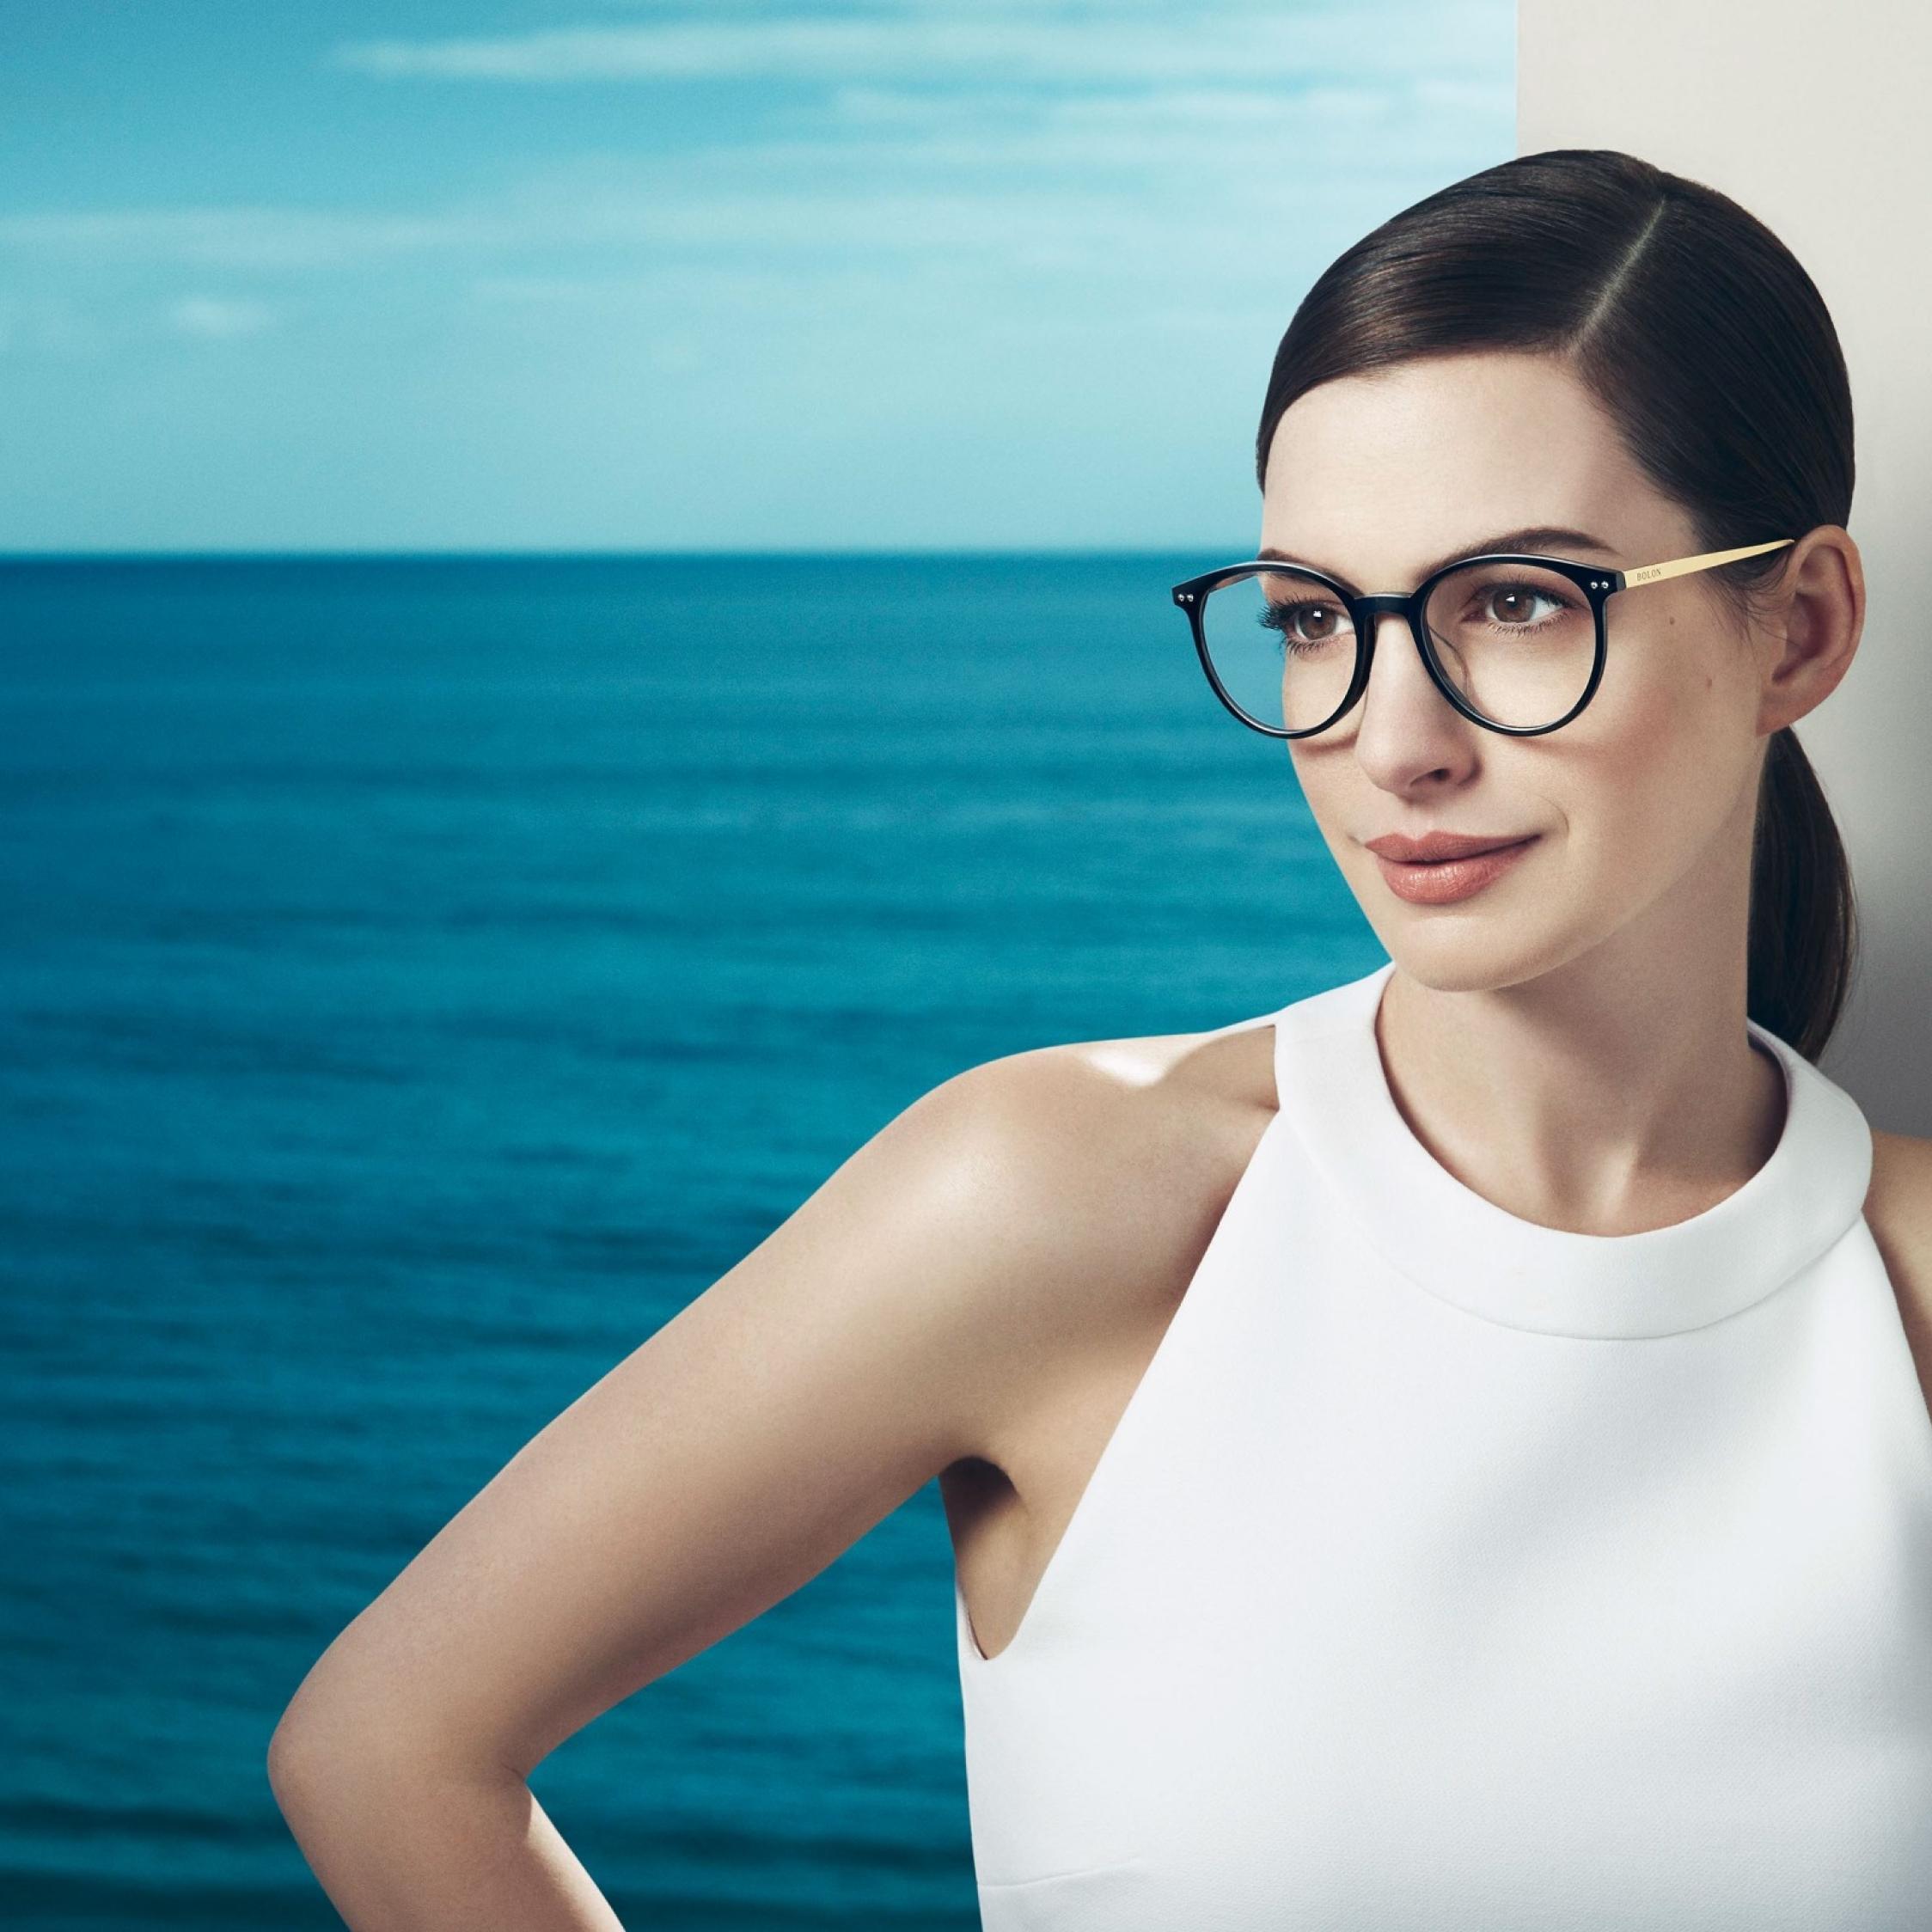 Cute Anne Hathaway In Glasses, Full HD 2K Wallpaper